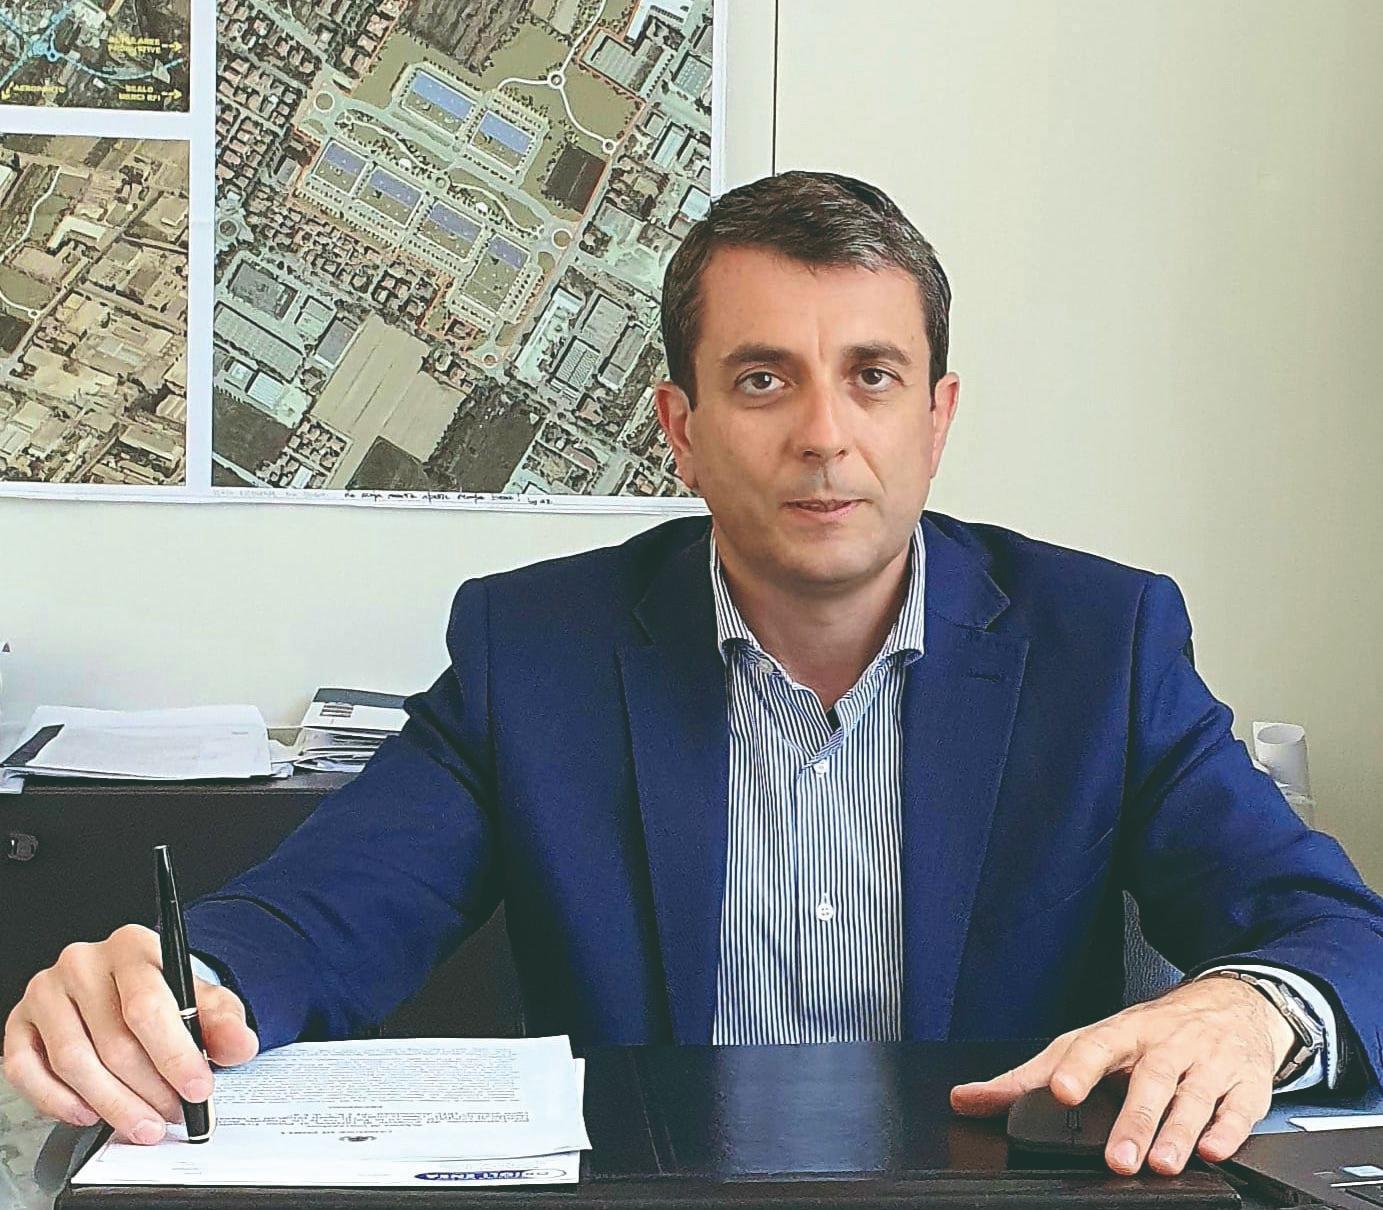 Davide-Orioli-Omnia